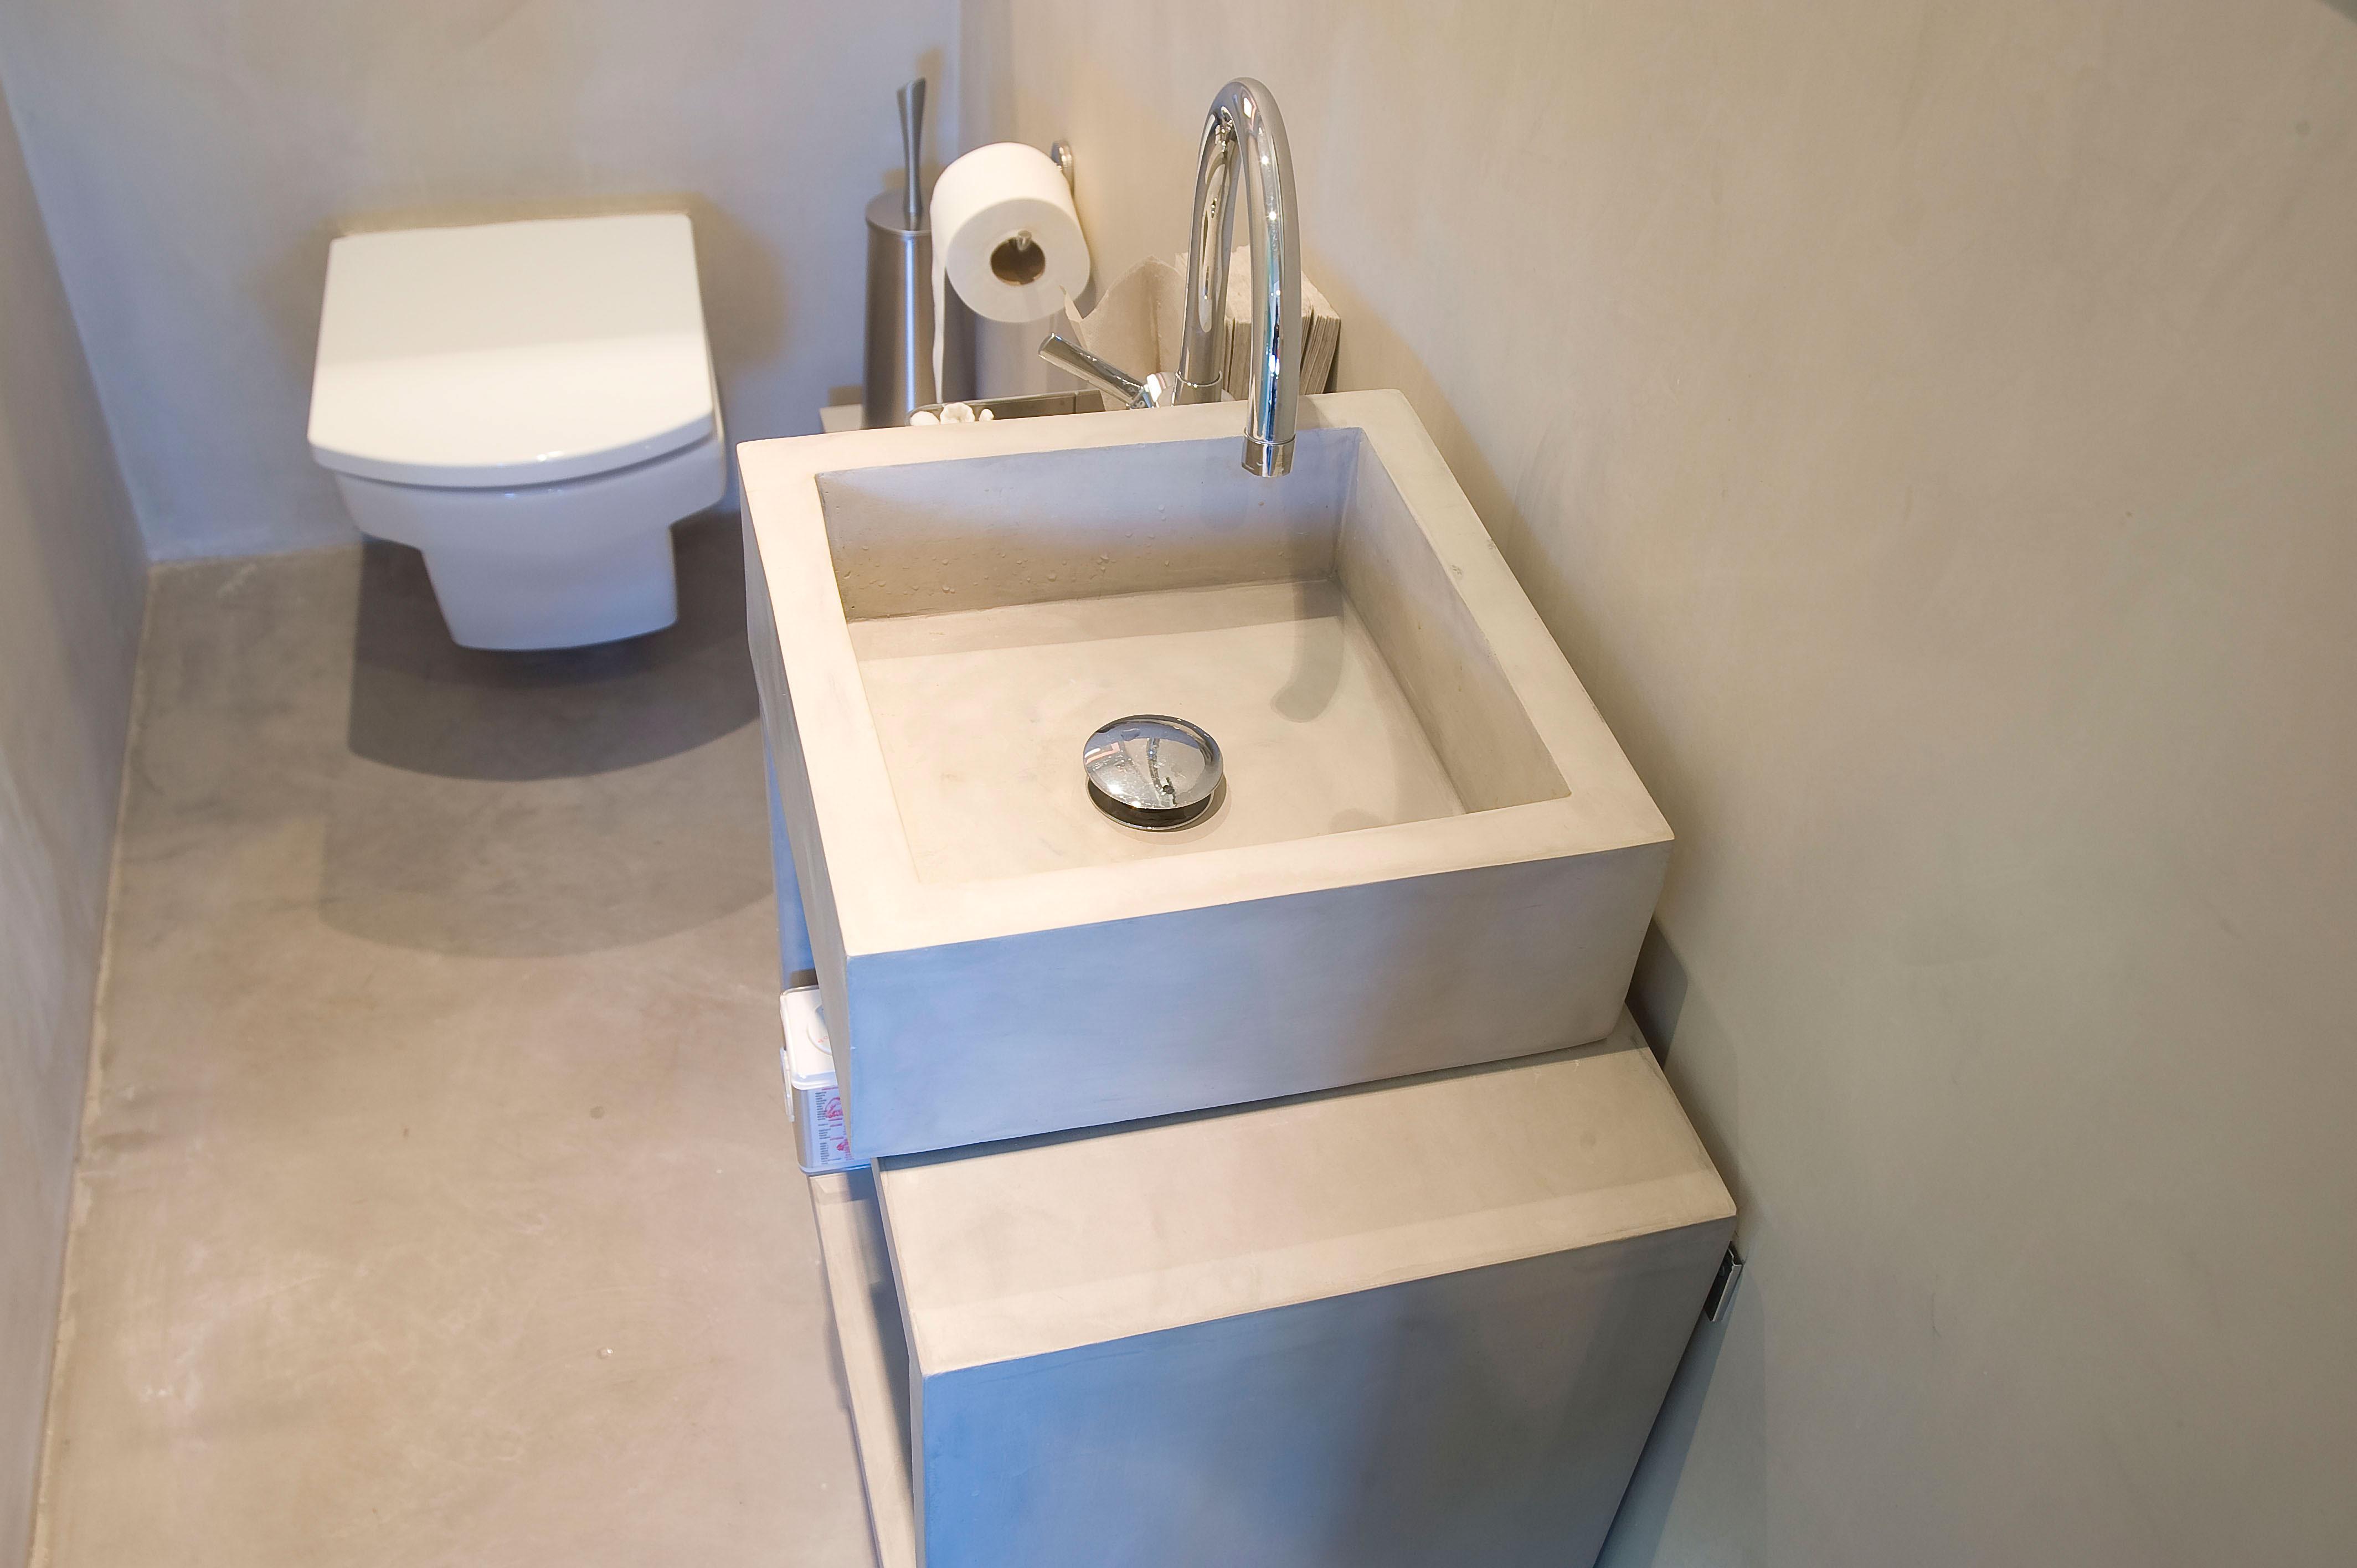 Bagno con lavandino in microcemento